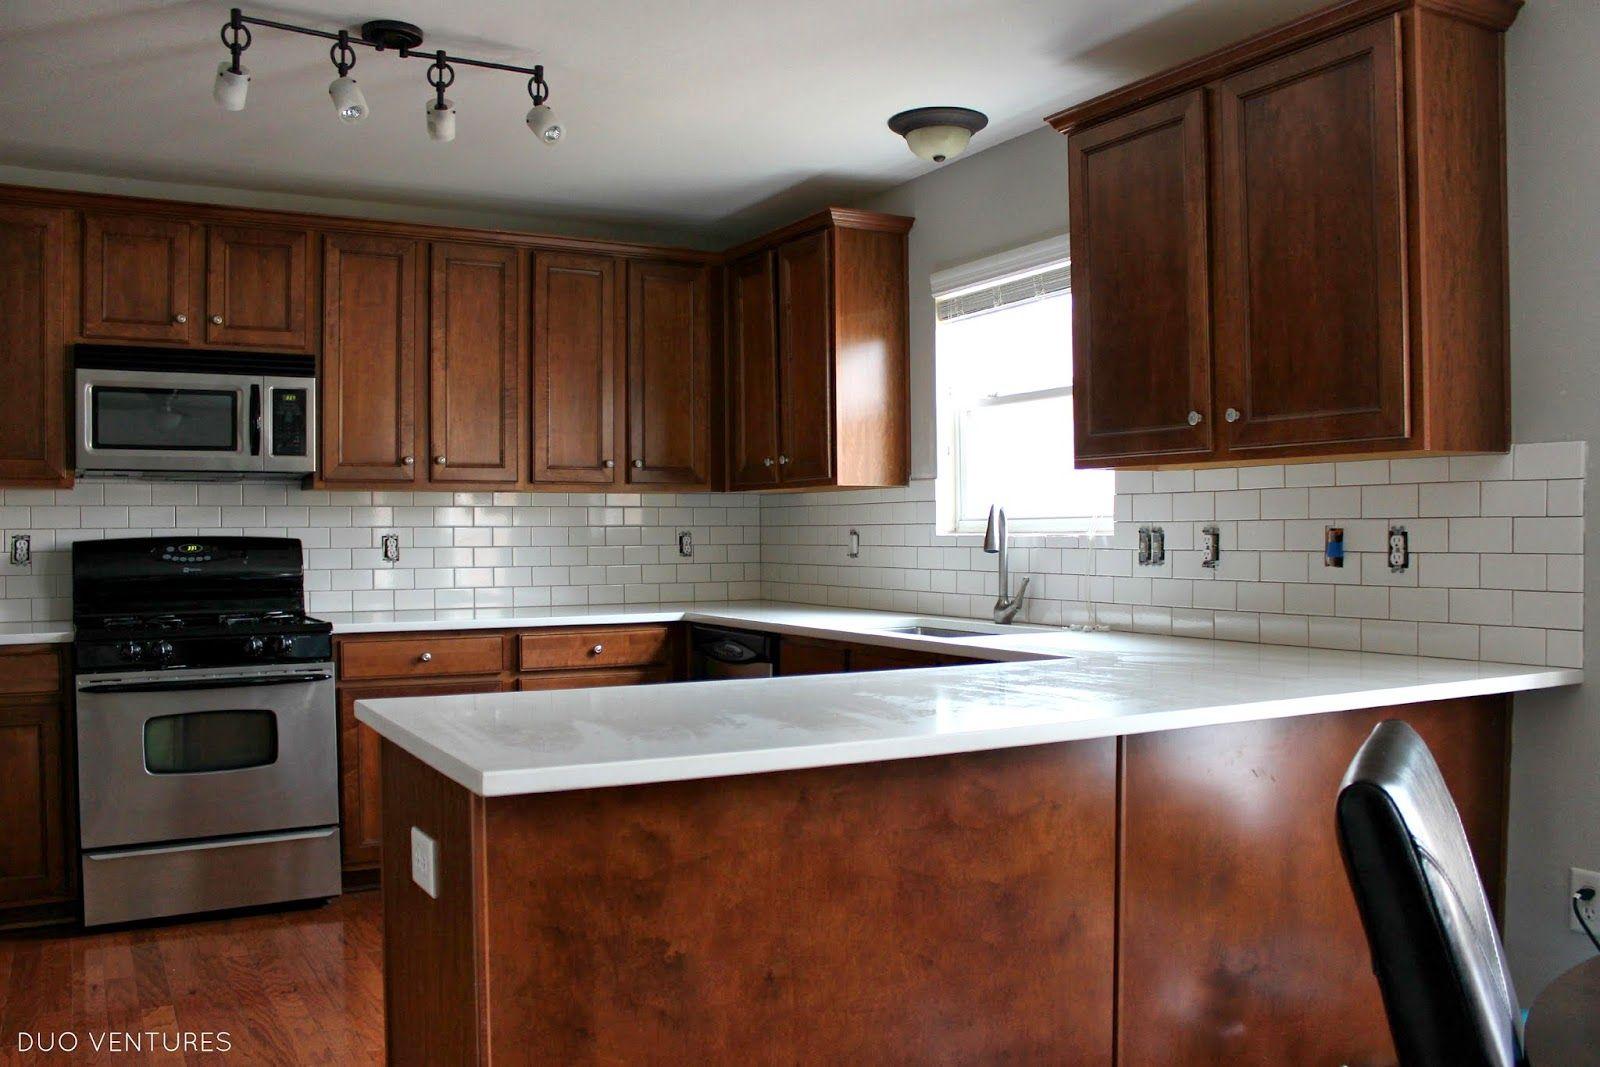 Duo ventures kitchen makeover subway tile backsplash